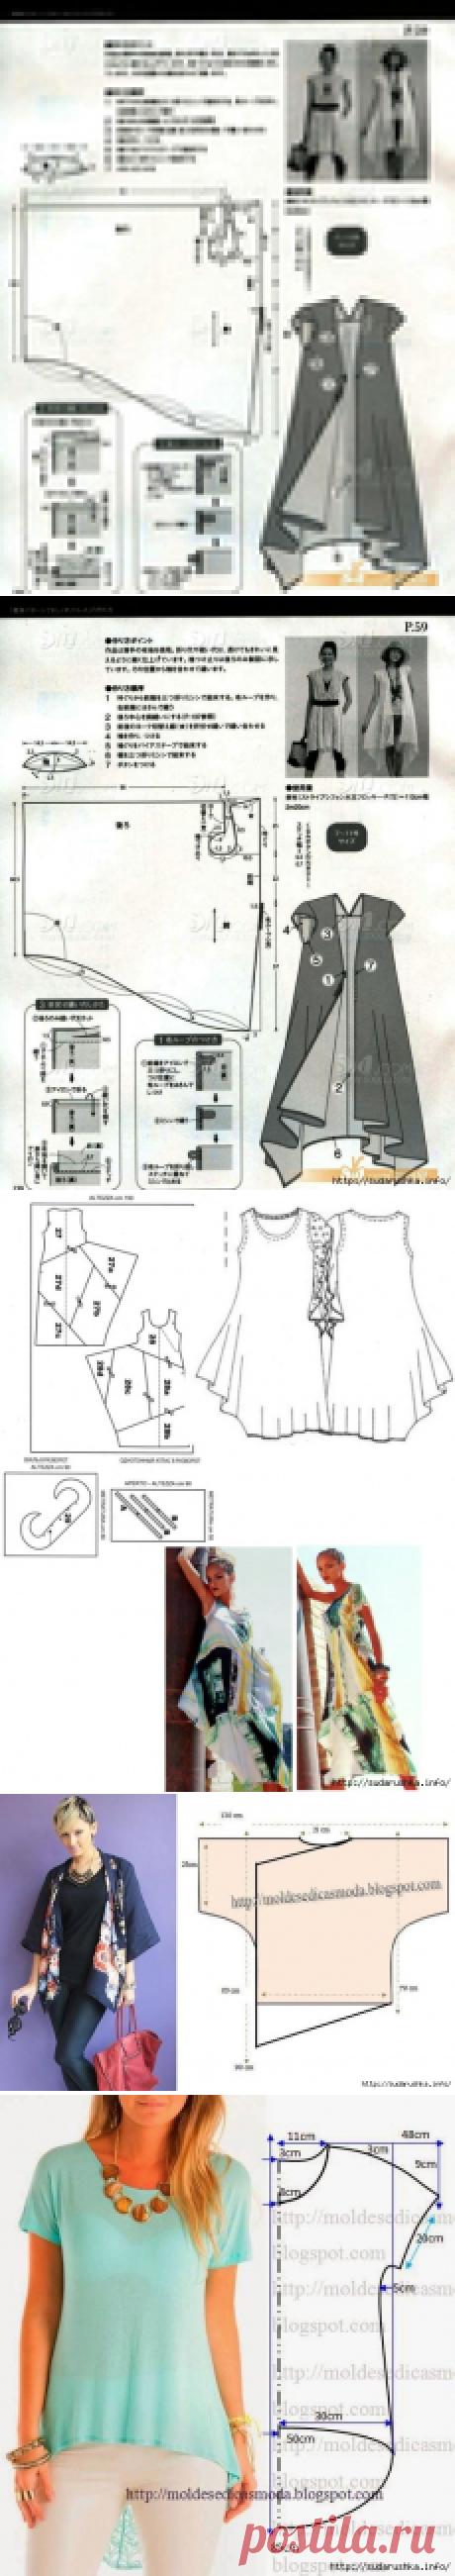 Выкройки-схемы для бохо стиля